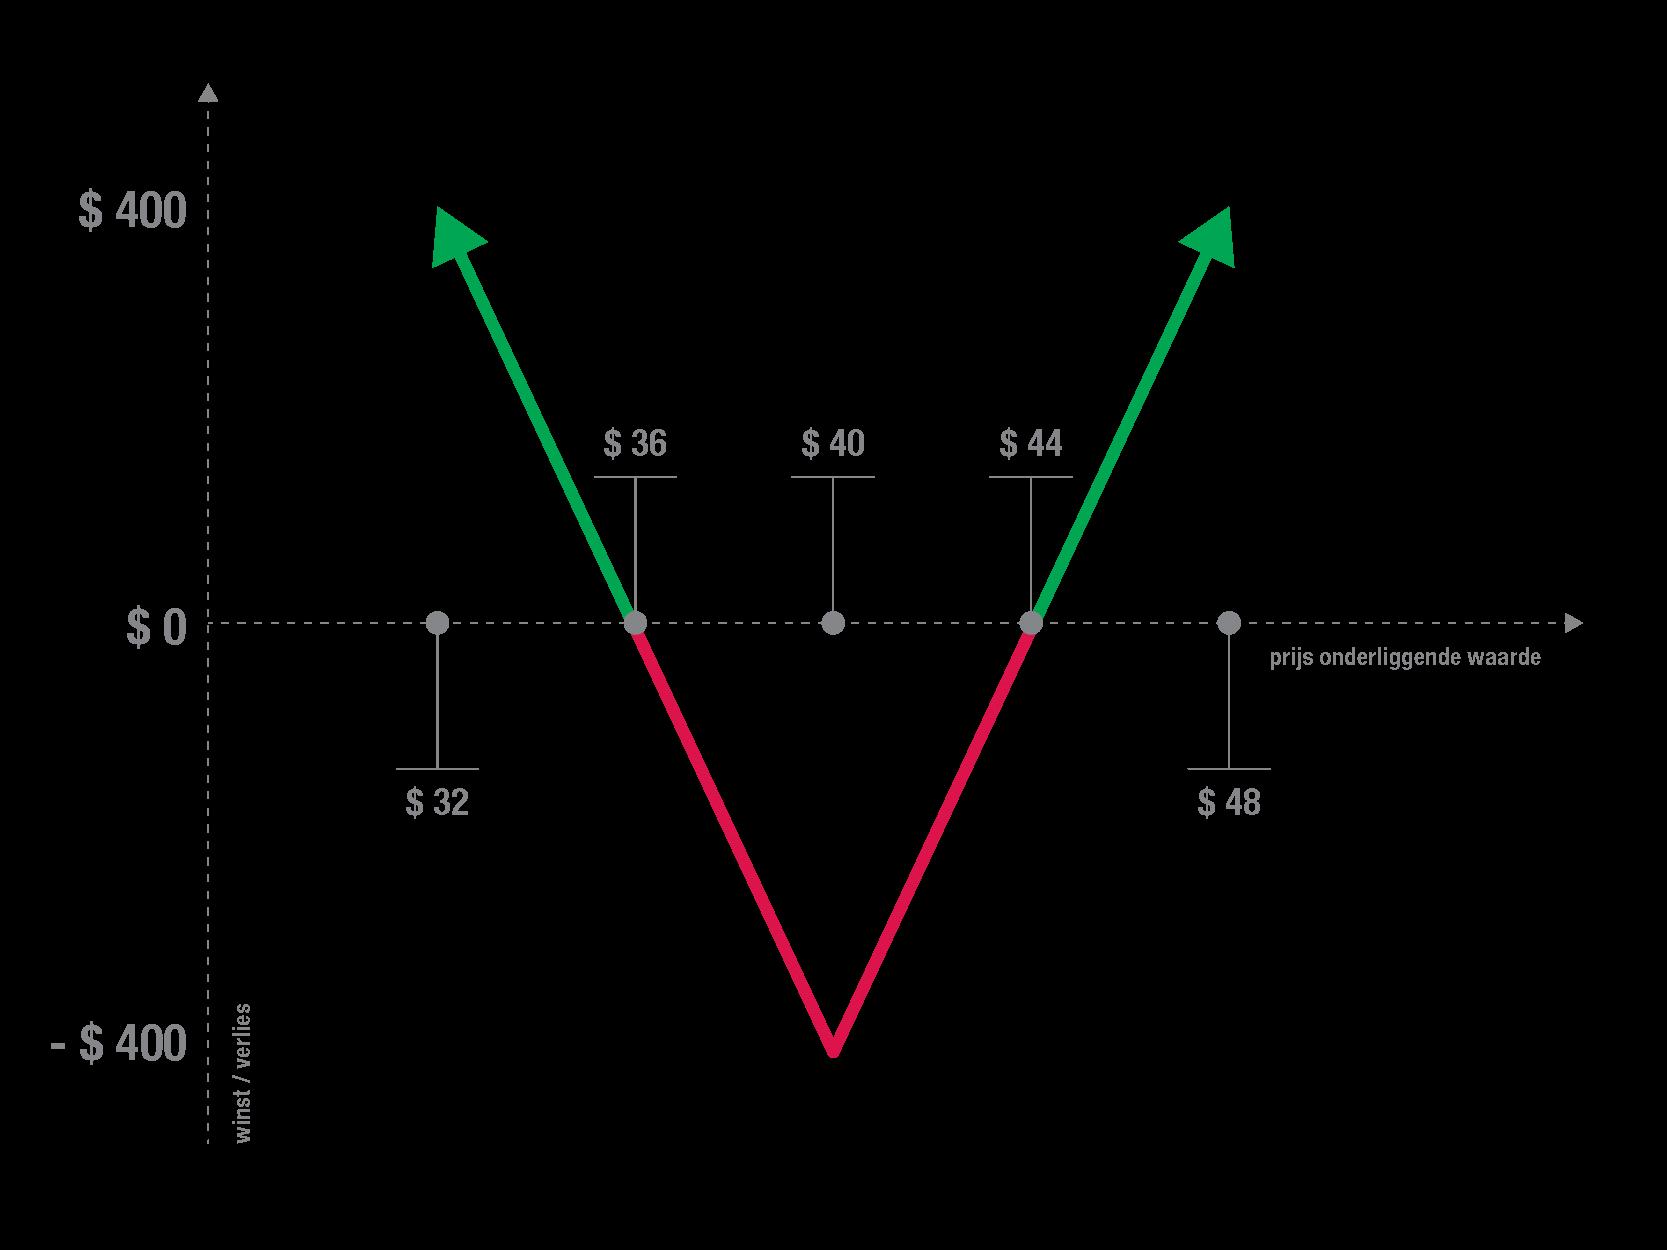 long-straddle-grafiek